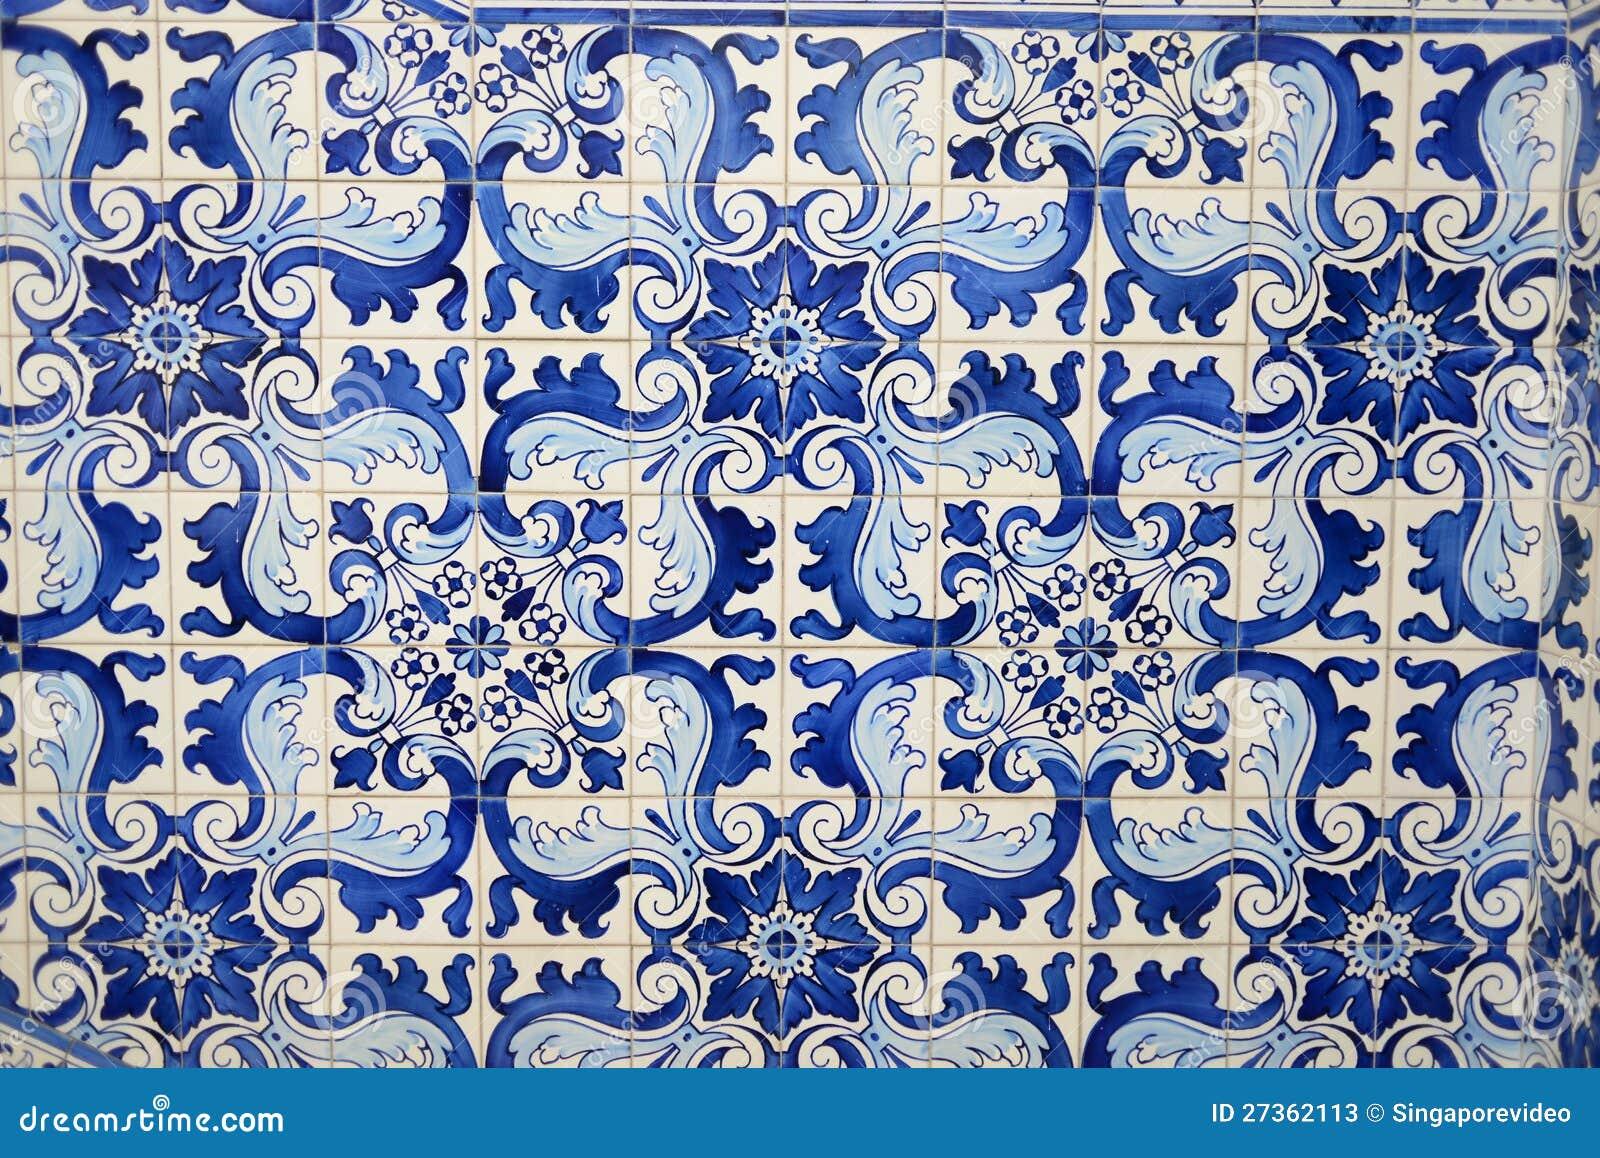 historische blaue fliesen vom orientalischen porzellan. Black Bedroom Furniture Sets. Home Design Ideas